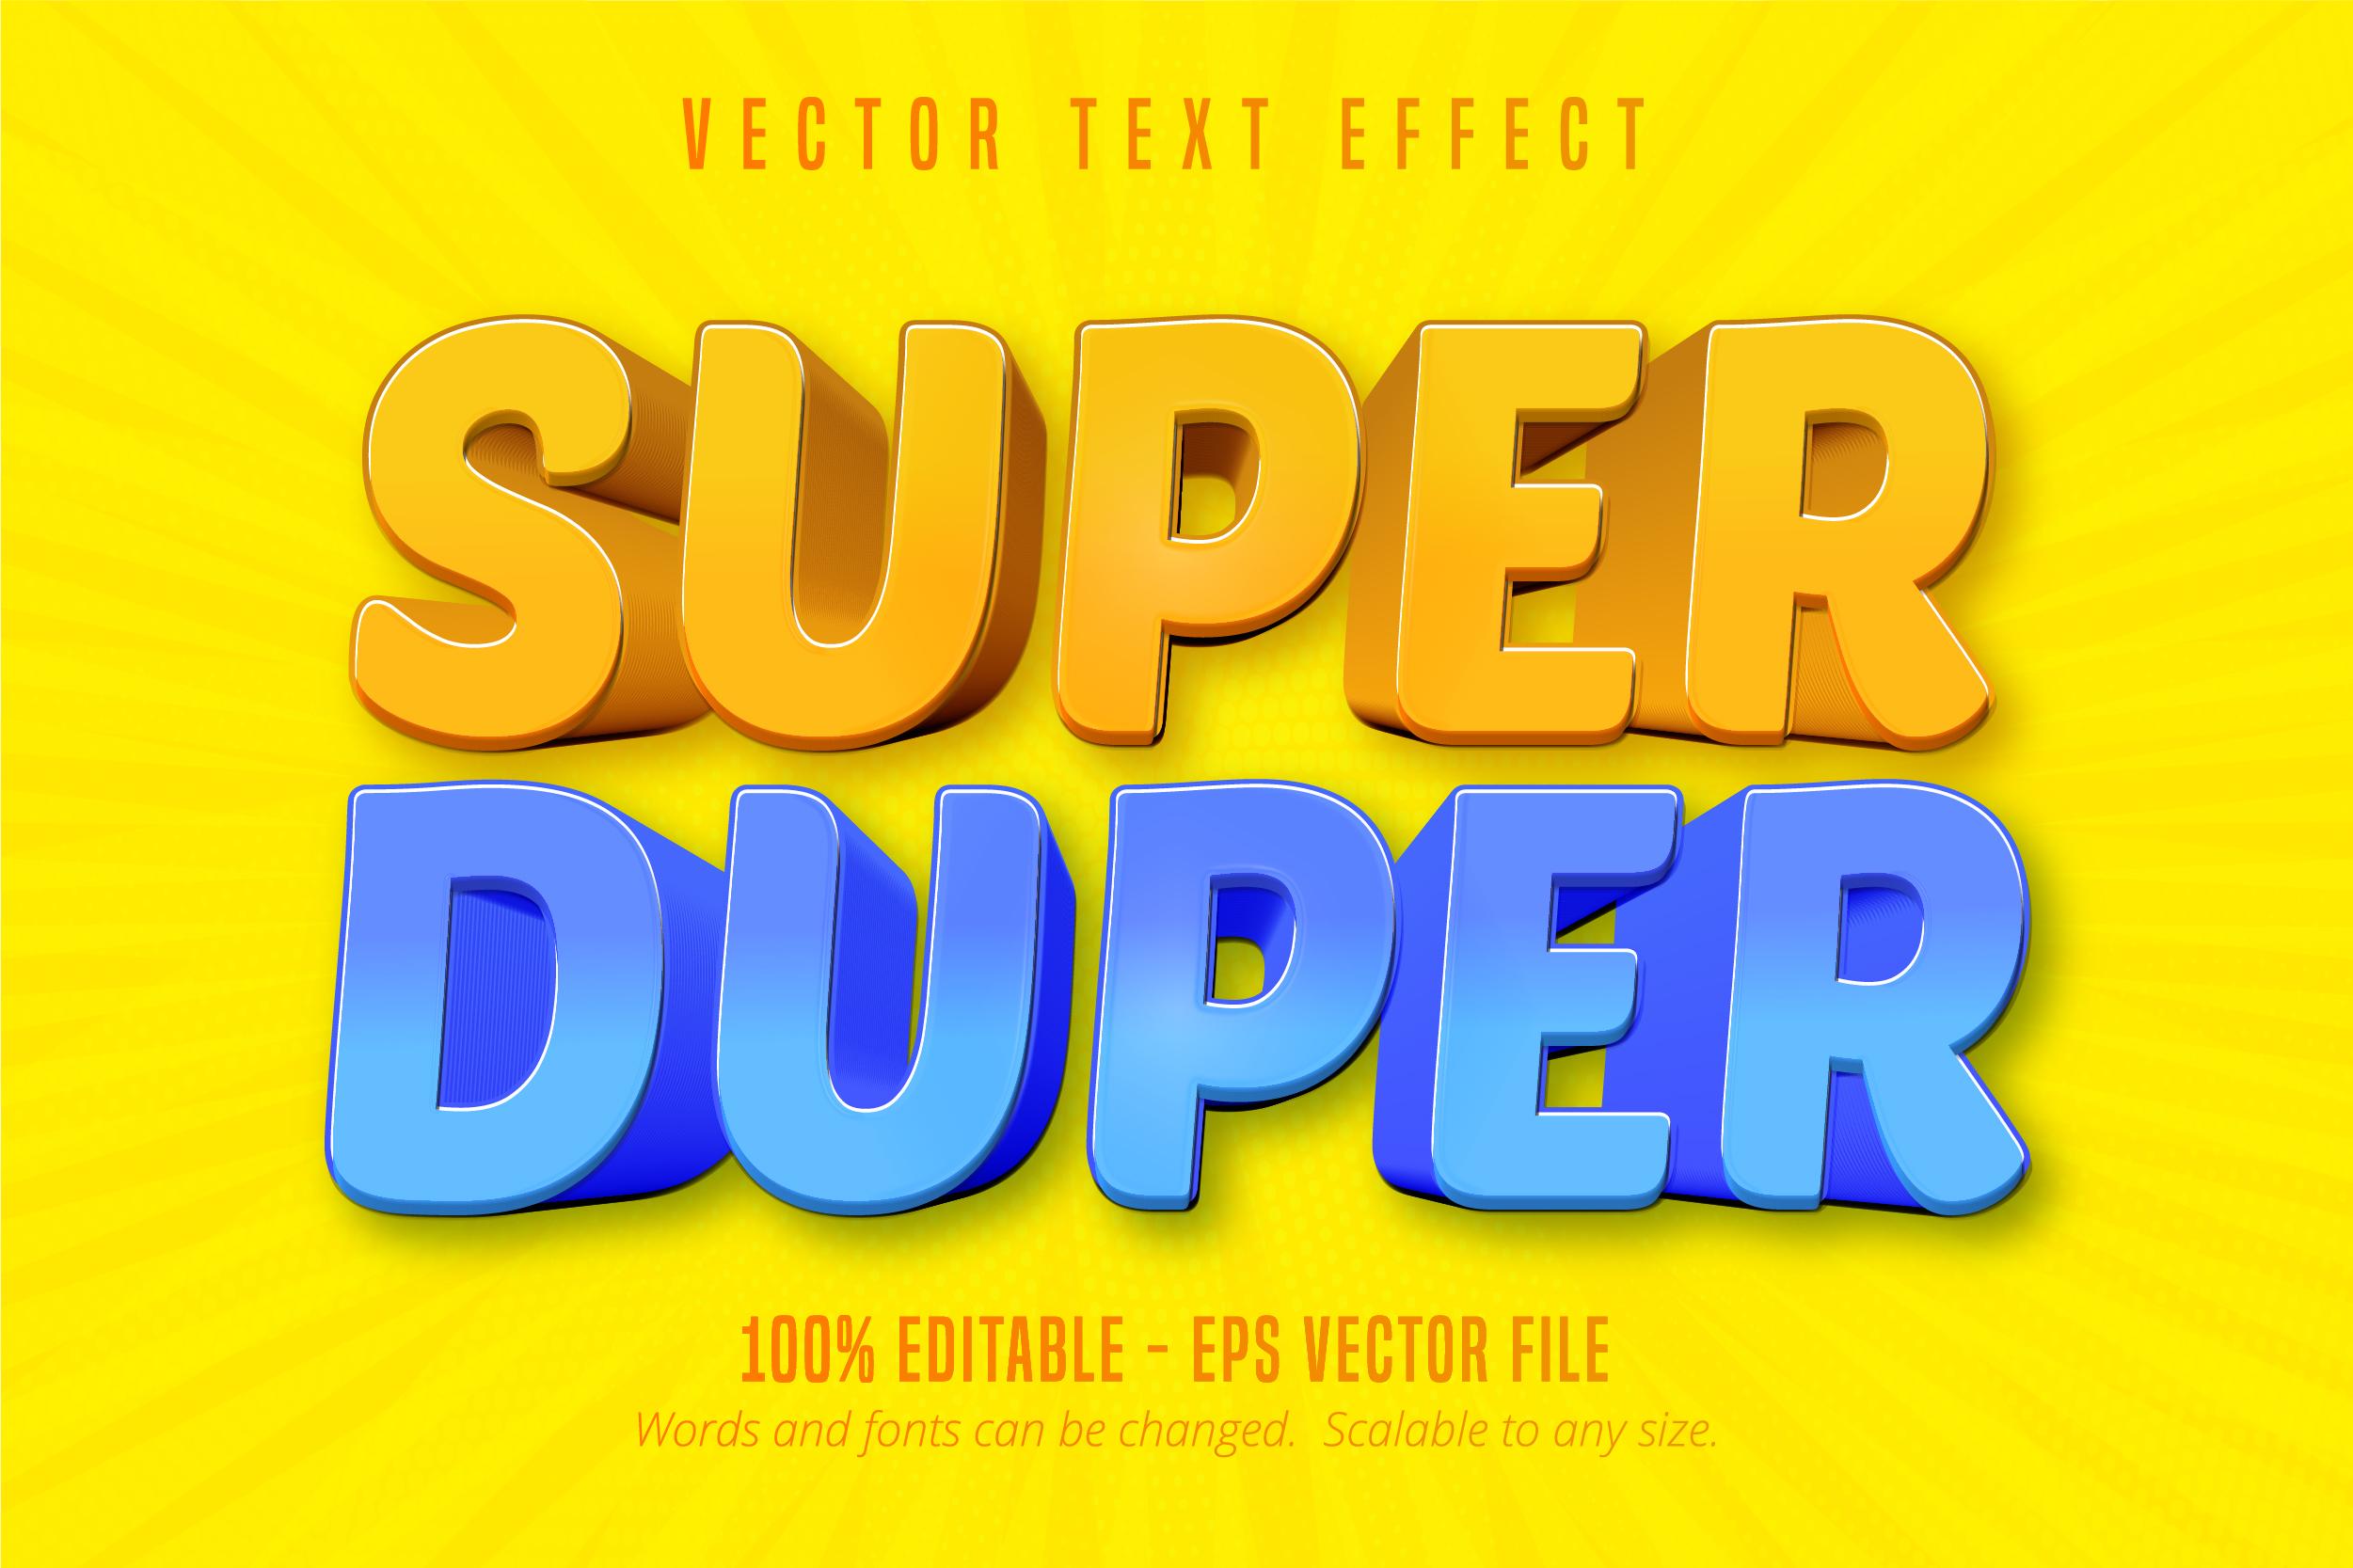 super duper-tekst, bewerkbaar teksteffect in cartoonstijl